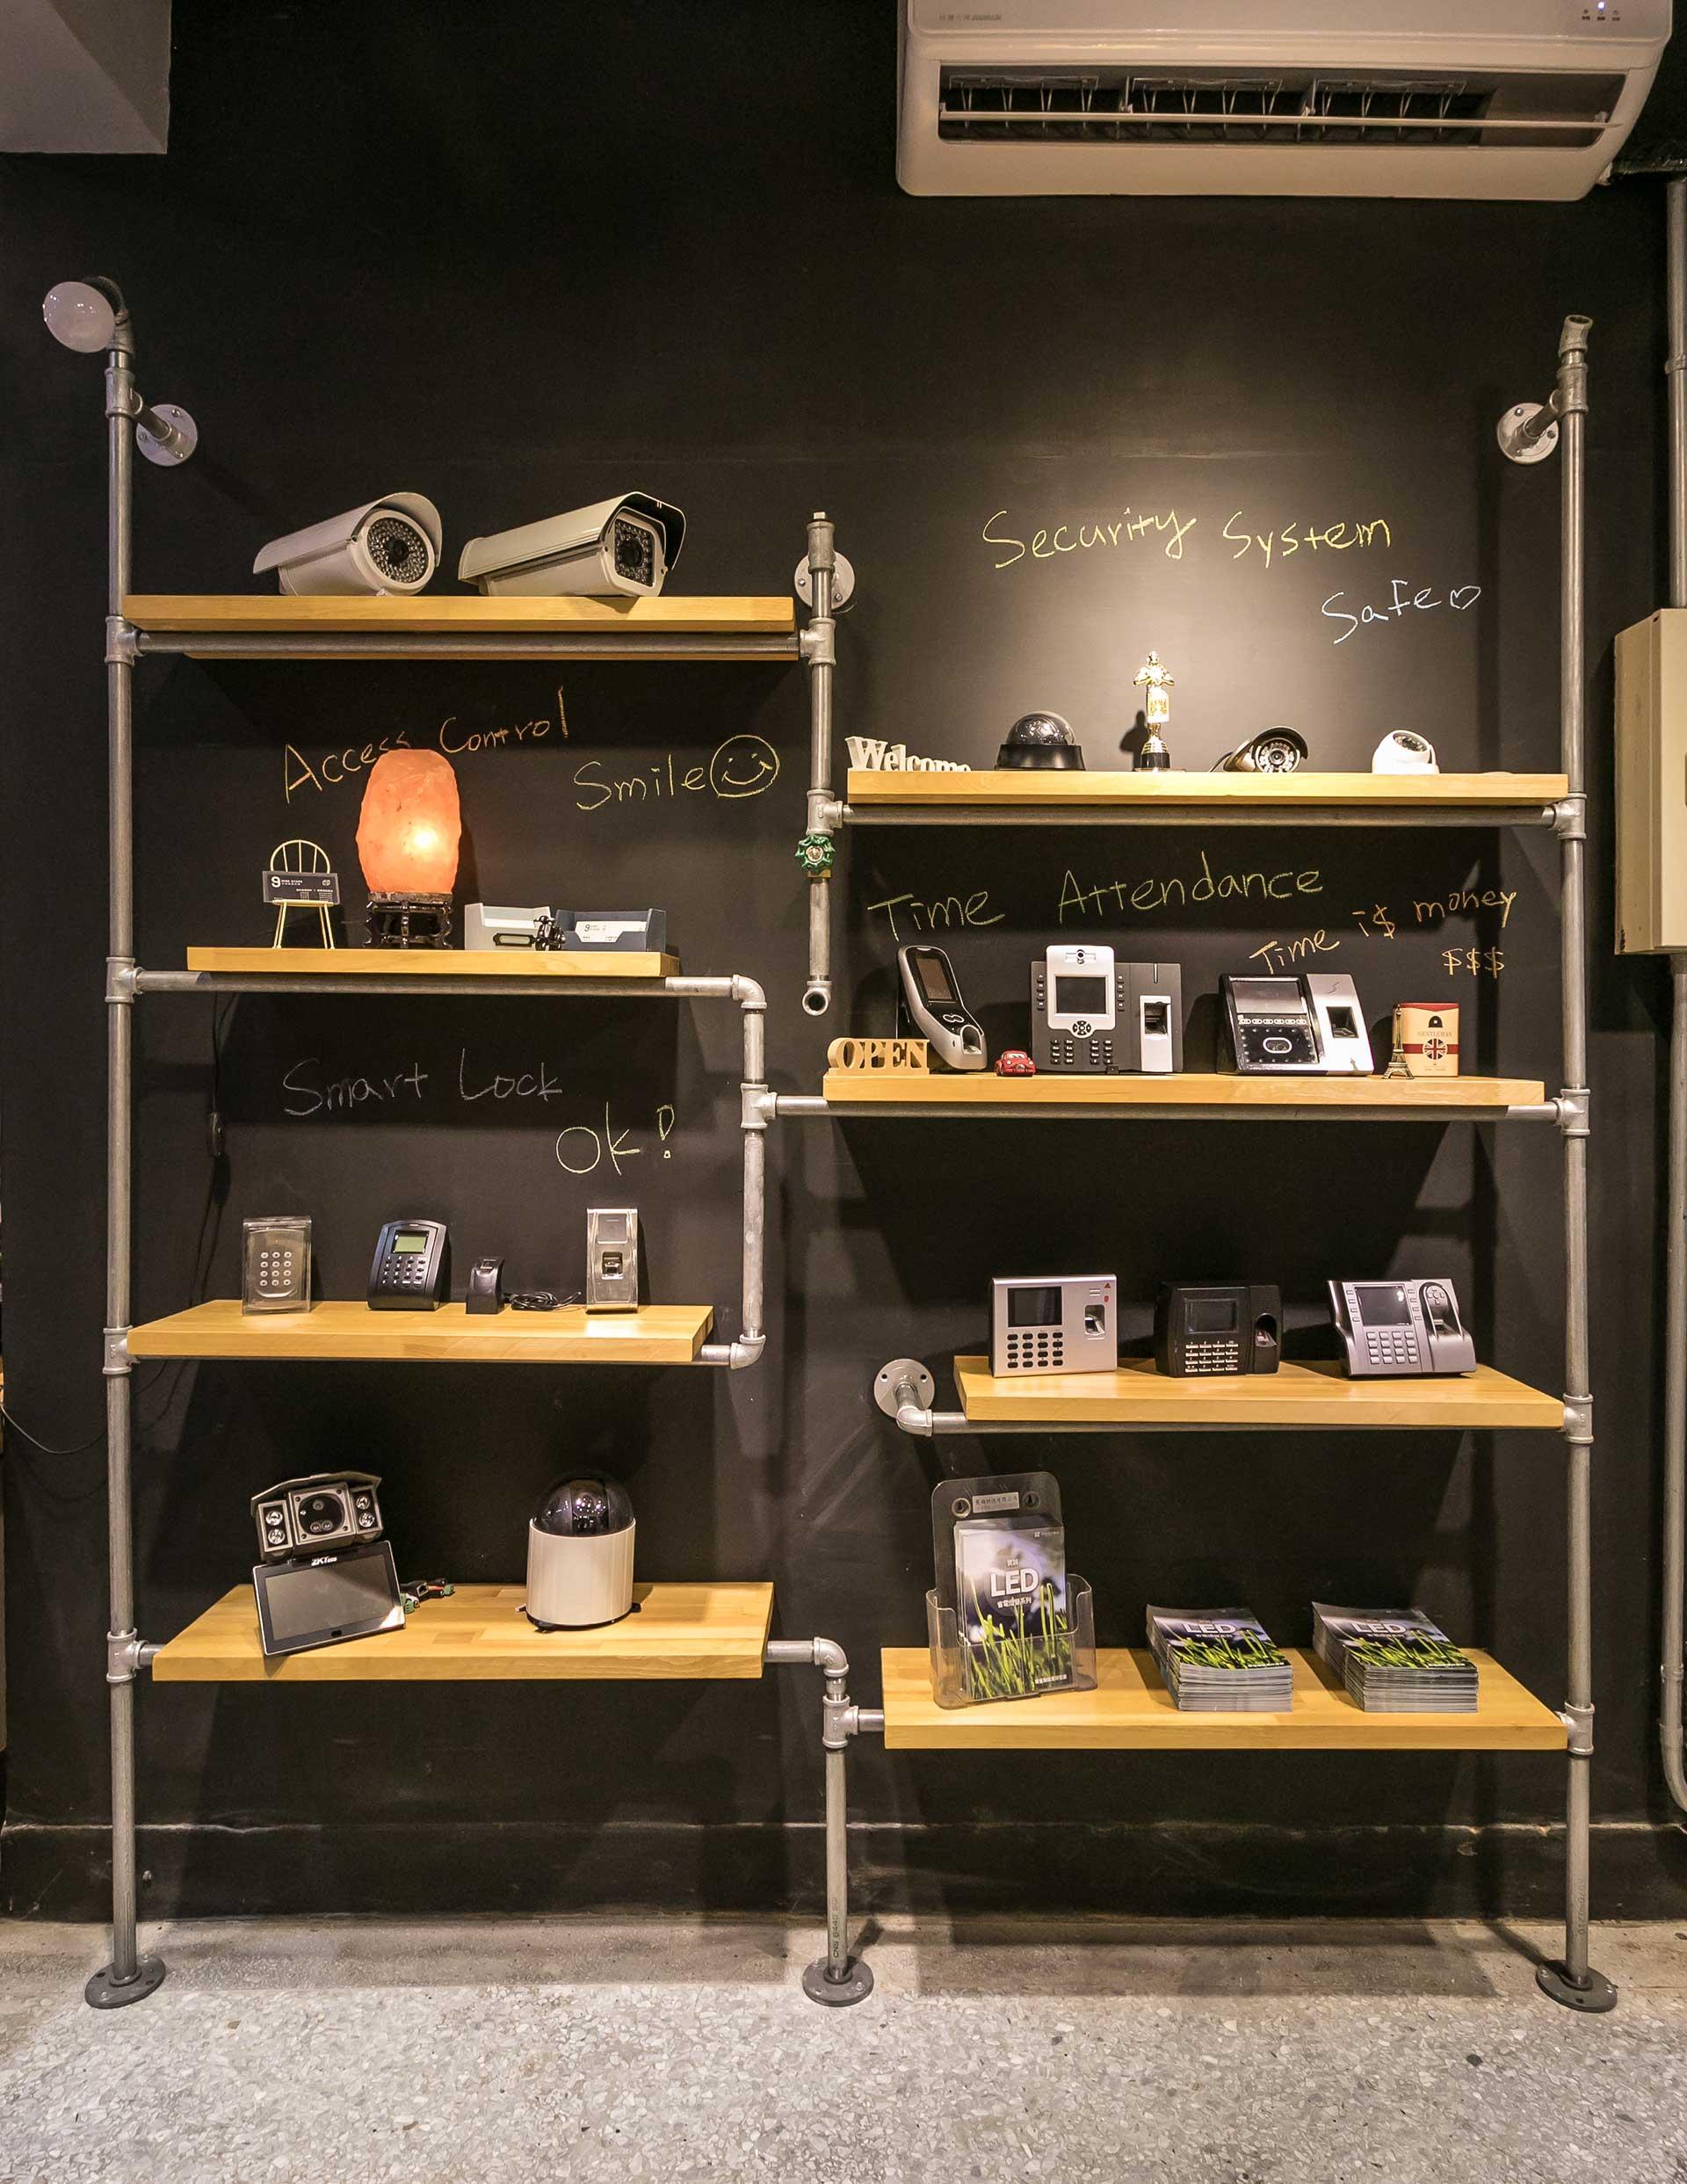 產品展示層架以資訊產品為主,包含臉型指紋辨識機、感應卡機、監視器等